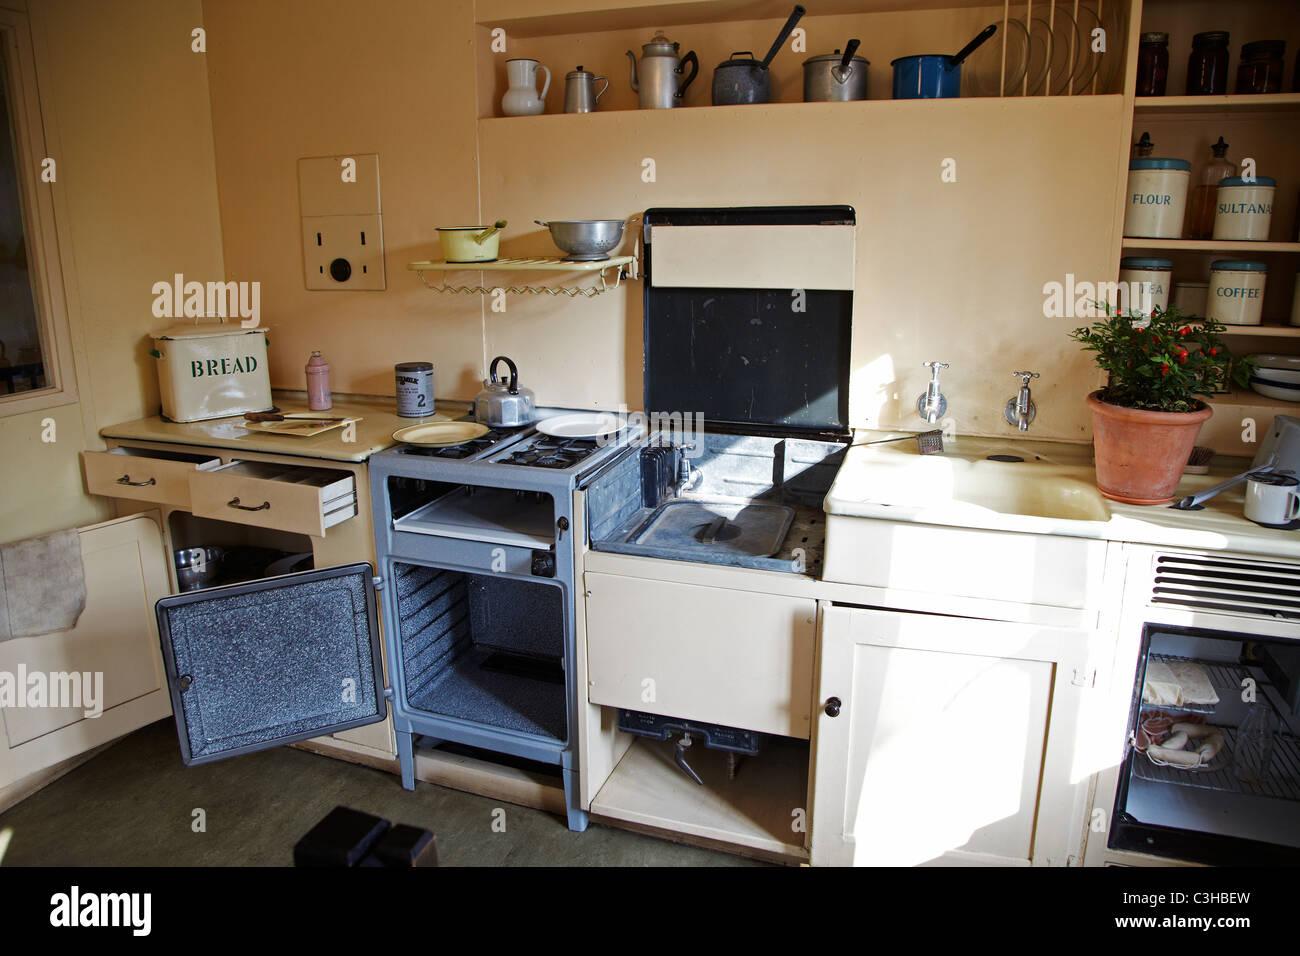 Tolle Küche Dekor Uk Fotos - Küchenschrank Ideen - eastbound.info